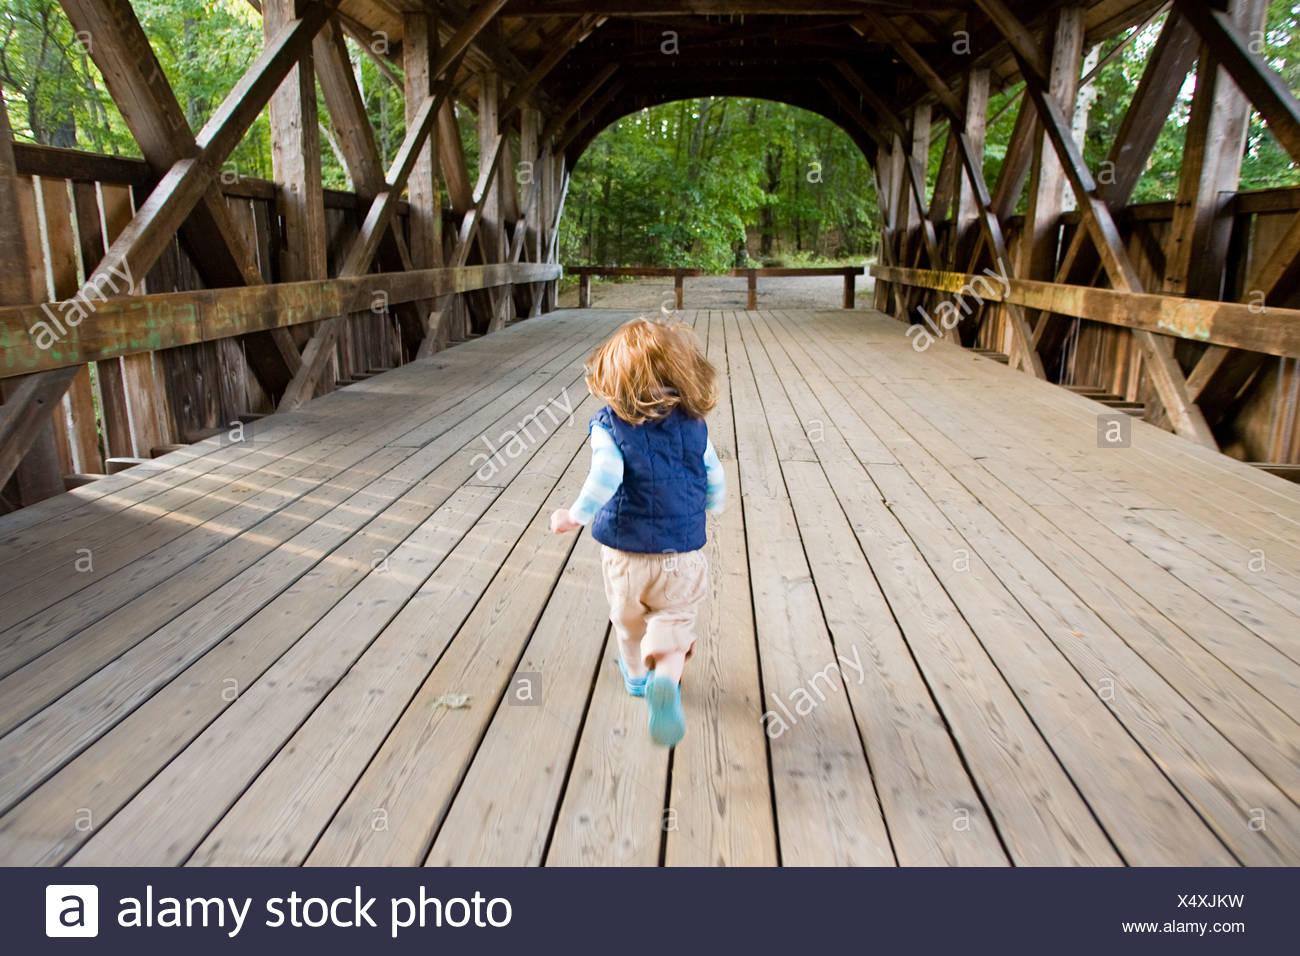 Ein kleines Mädchen läuft über eine überdachte Brücke. Stockbild